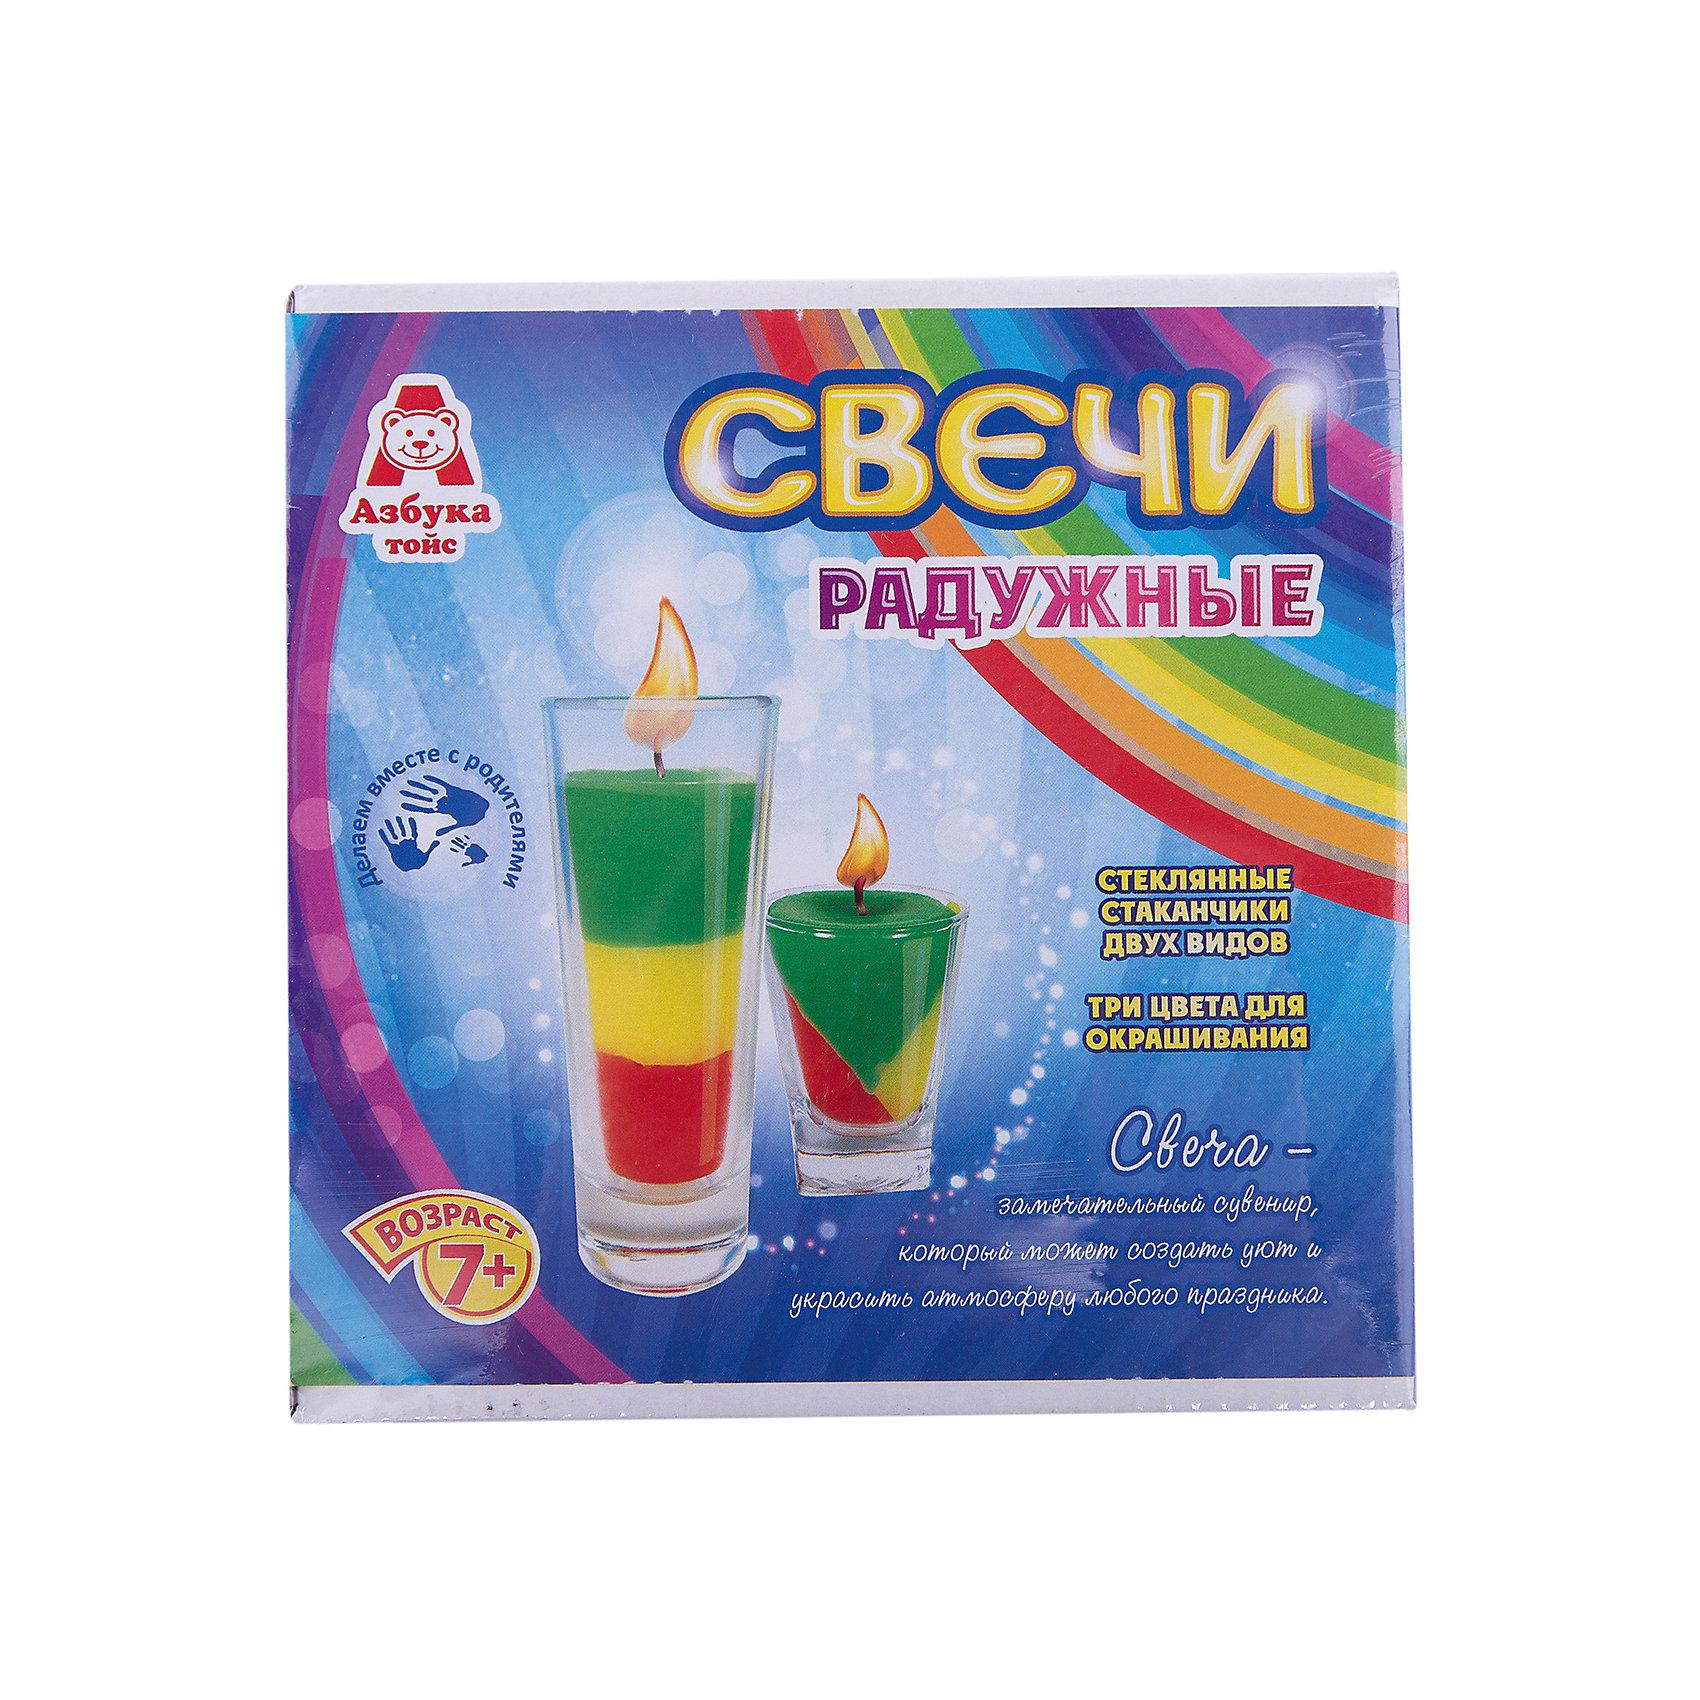 Свечи радужныеНаборы для создания свечей<br>Характеристики товара:<br><br>• упаковка: коробка<br>• материал: парафин<br>• возраст: 7+<br>• масса: 390 г<br>• габариты: 140х50х140 мм<br>• комплектация: 2 стеклянных стаканчика, восковые мелки, парафин, фитиль, палочка для размешивания, инструкция<br>• страна бренда: РФ<br>• страна изготовитель: РФ<br><br>Магия огня притягательна для всех возрастов. Создание свечей – интересный и необычный опыт в творчестве малышей. Набор содержит все необходимое, чтобы создать необычную свечу. Готовую свечу можно использовать, как по прямому назначению, так и как элемент декора. <br>Набор станет отличным подарком ребенку, так как он сможет сам сделать красивую вещь для себя или в качестве подарка близким! Материалы, использованные при изготовлении товара, сертифицированы и отвечают всем международным требованиям по качеству. <br><br>Свечи радужные от бренда Азбука Тойс можно приобрести в нашем интернет-магазине.<br><br>Ширина мм: 140<br>Глубина мм: 50<br>Высота мм: 140<br>Вес г: 390<br>Возраст от месяцев: 84<br>Возраст до месяцев: 144<br>Пол: Унисекс<br>Возраст: Детский<br>SKU: 5062895